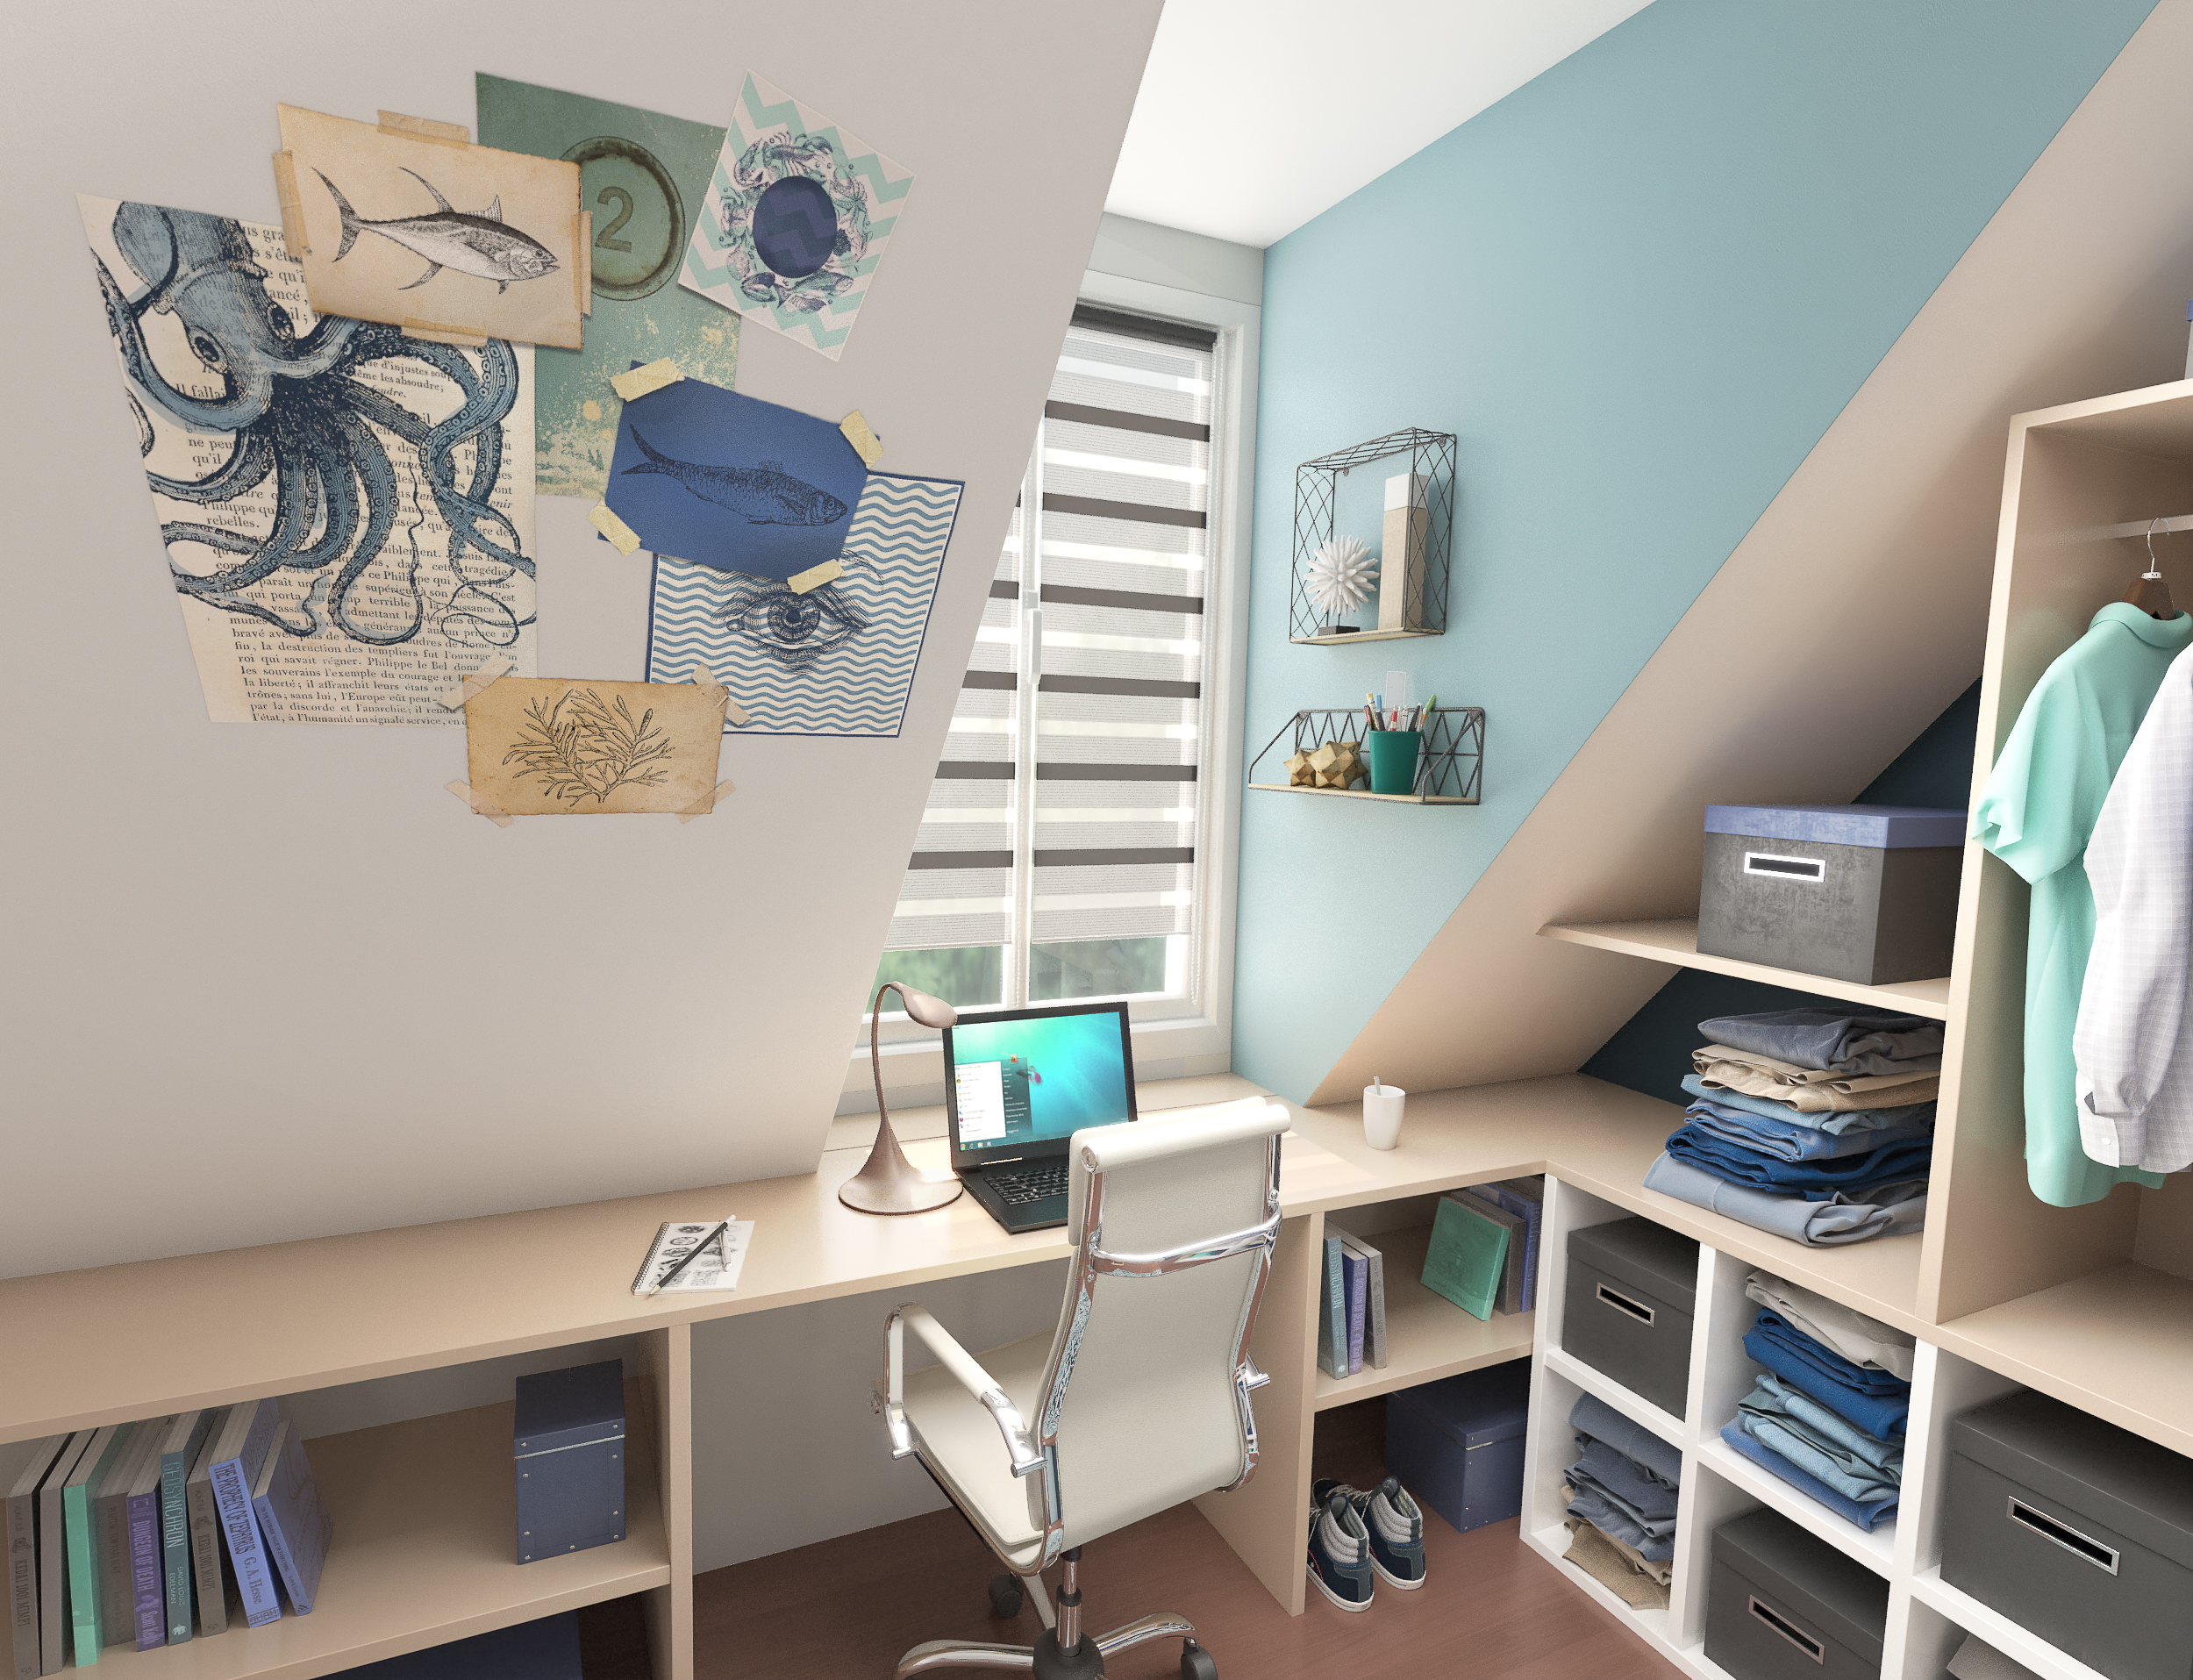 Dripmoon-archvis-graphiste3D-architecture-images-3D-EMAG22 (5)